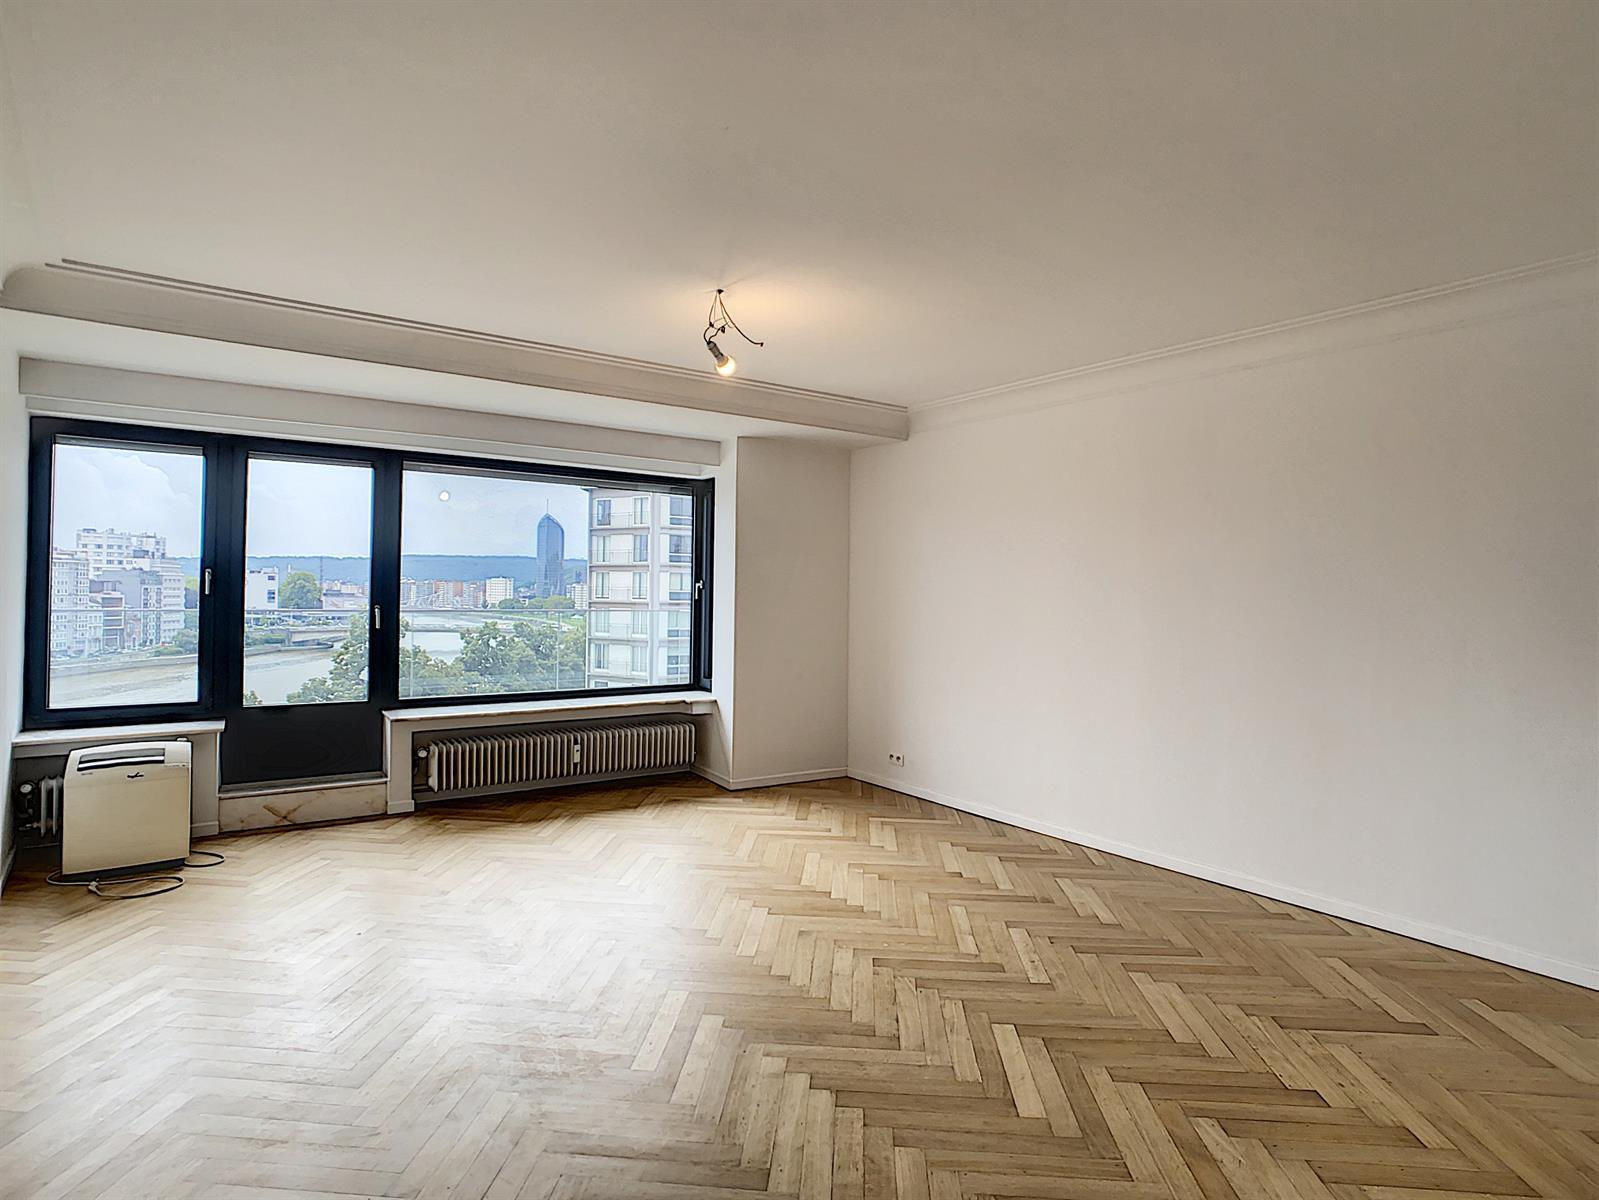 Appartement - Liege - #4429788-2